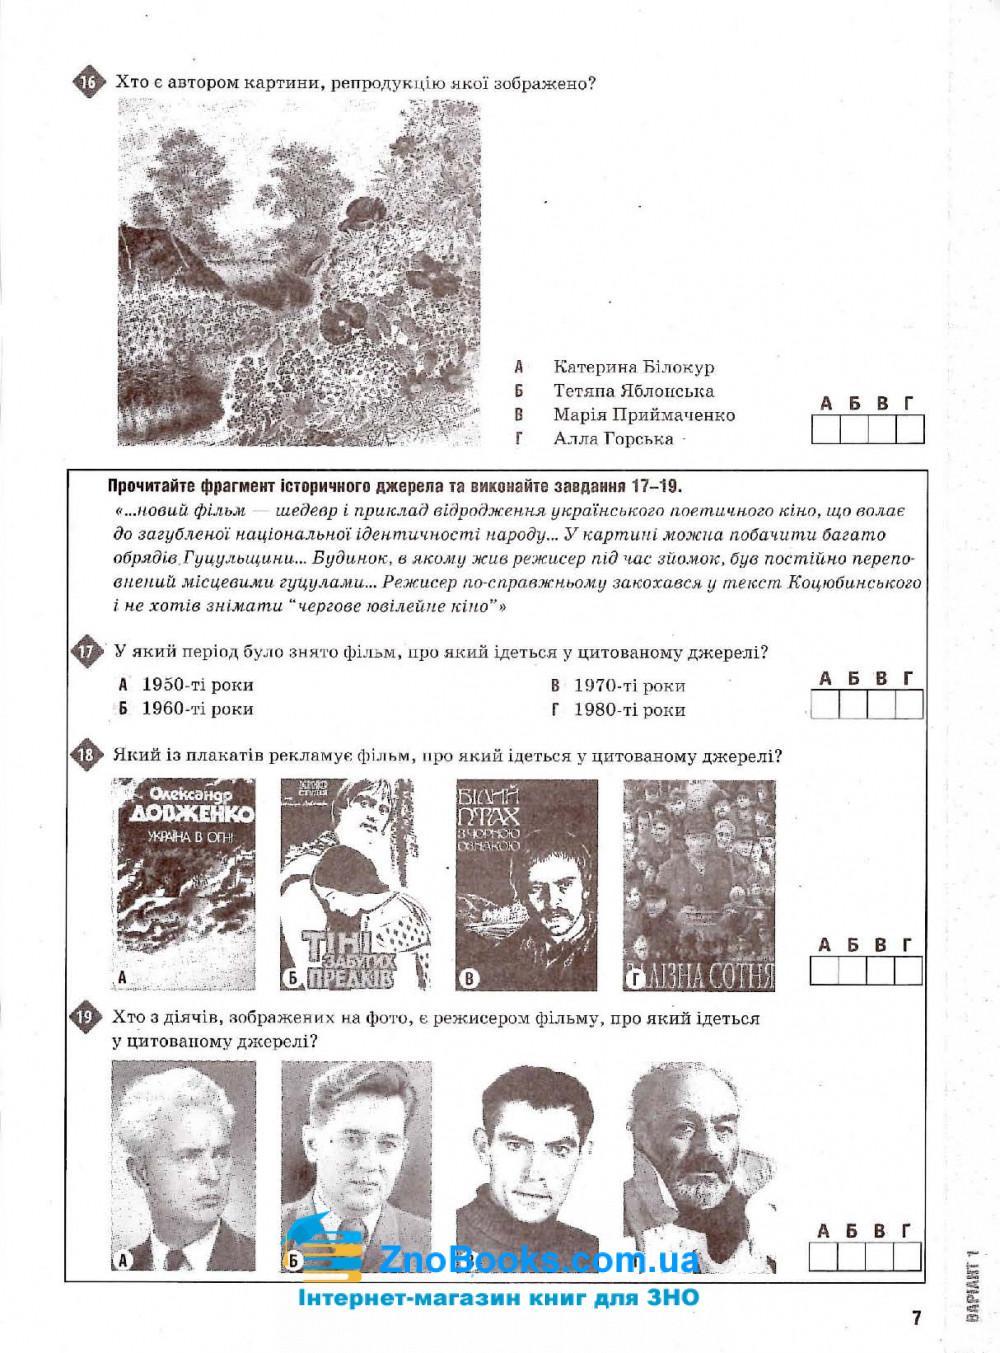 Історія України. Тестові завдання у форматі ЗНО 2021: Гук О. Освіта. купити 6